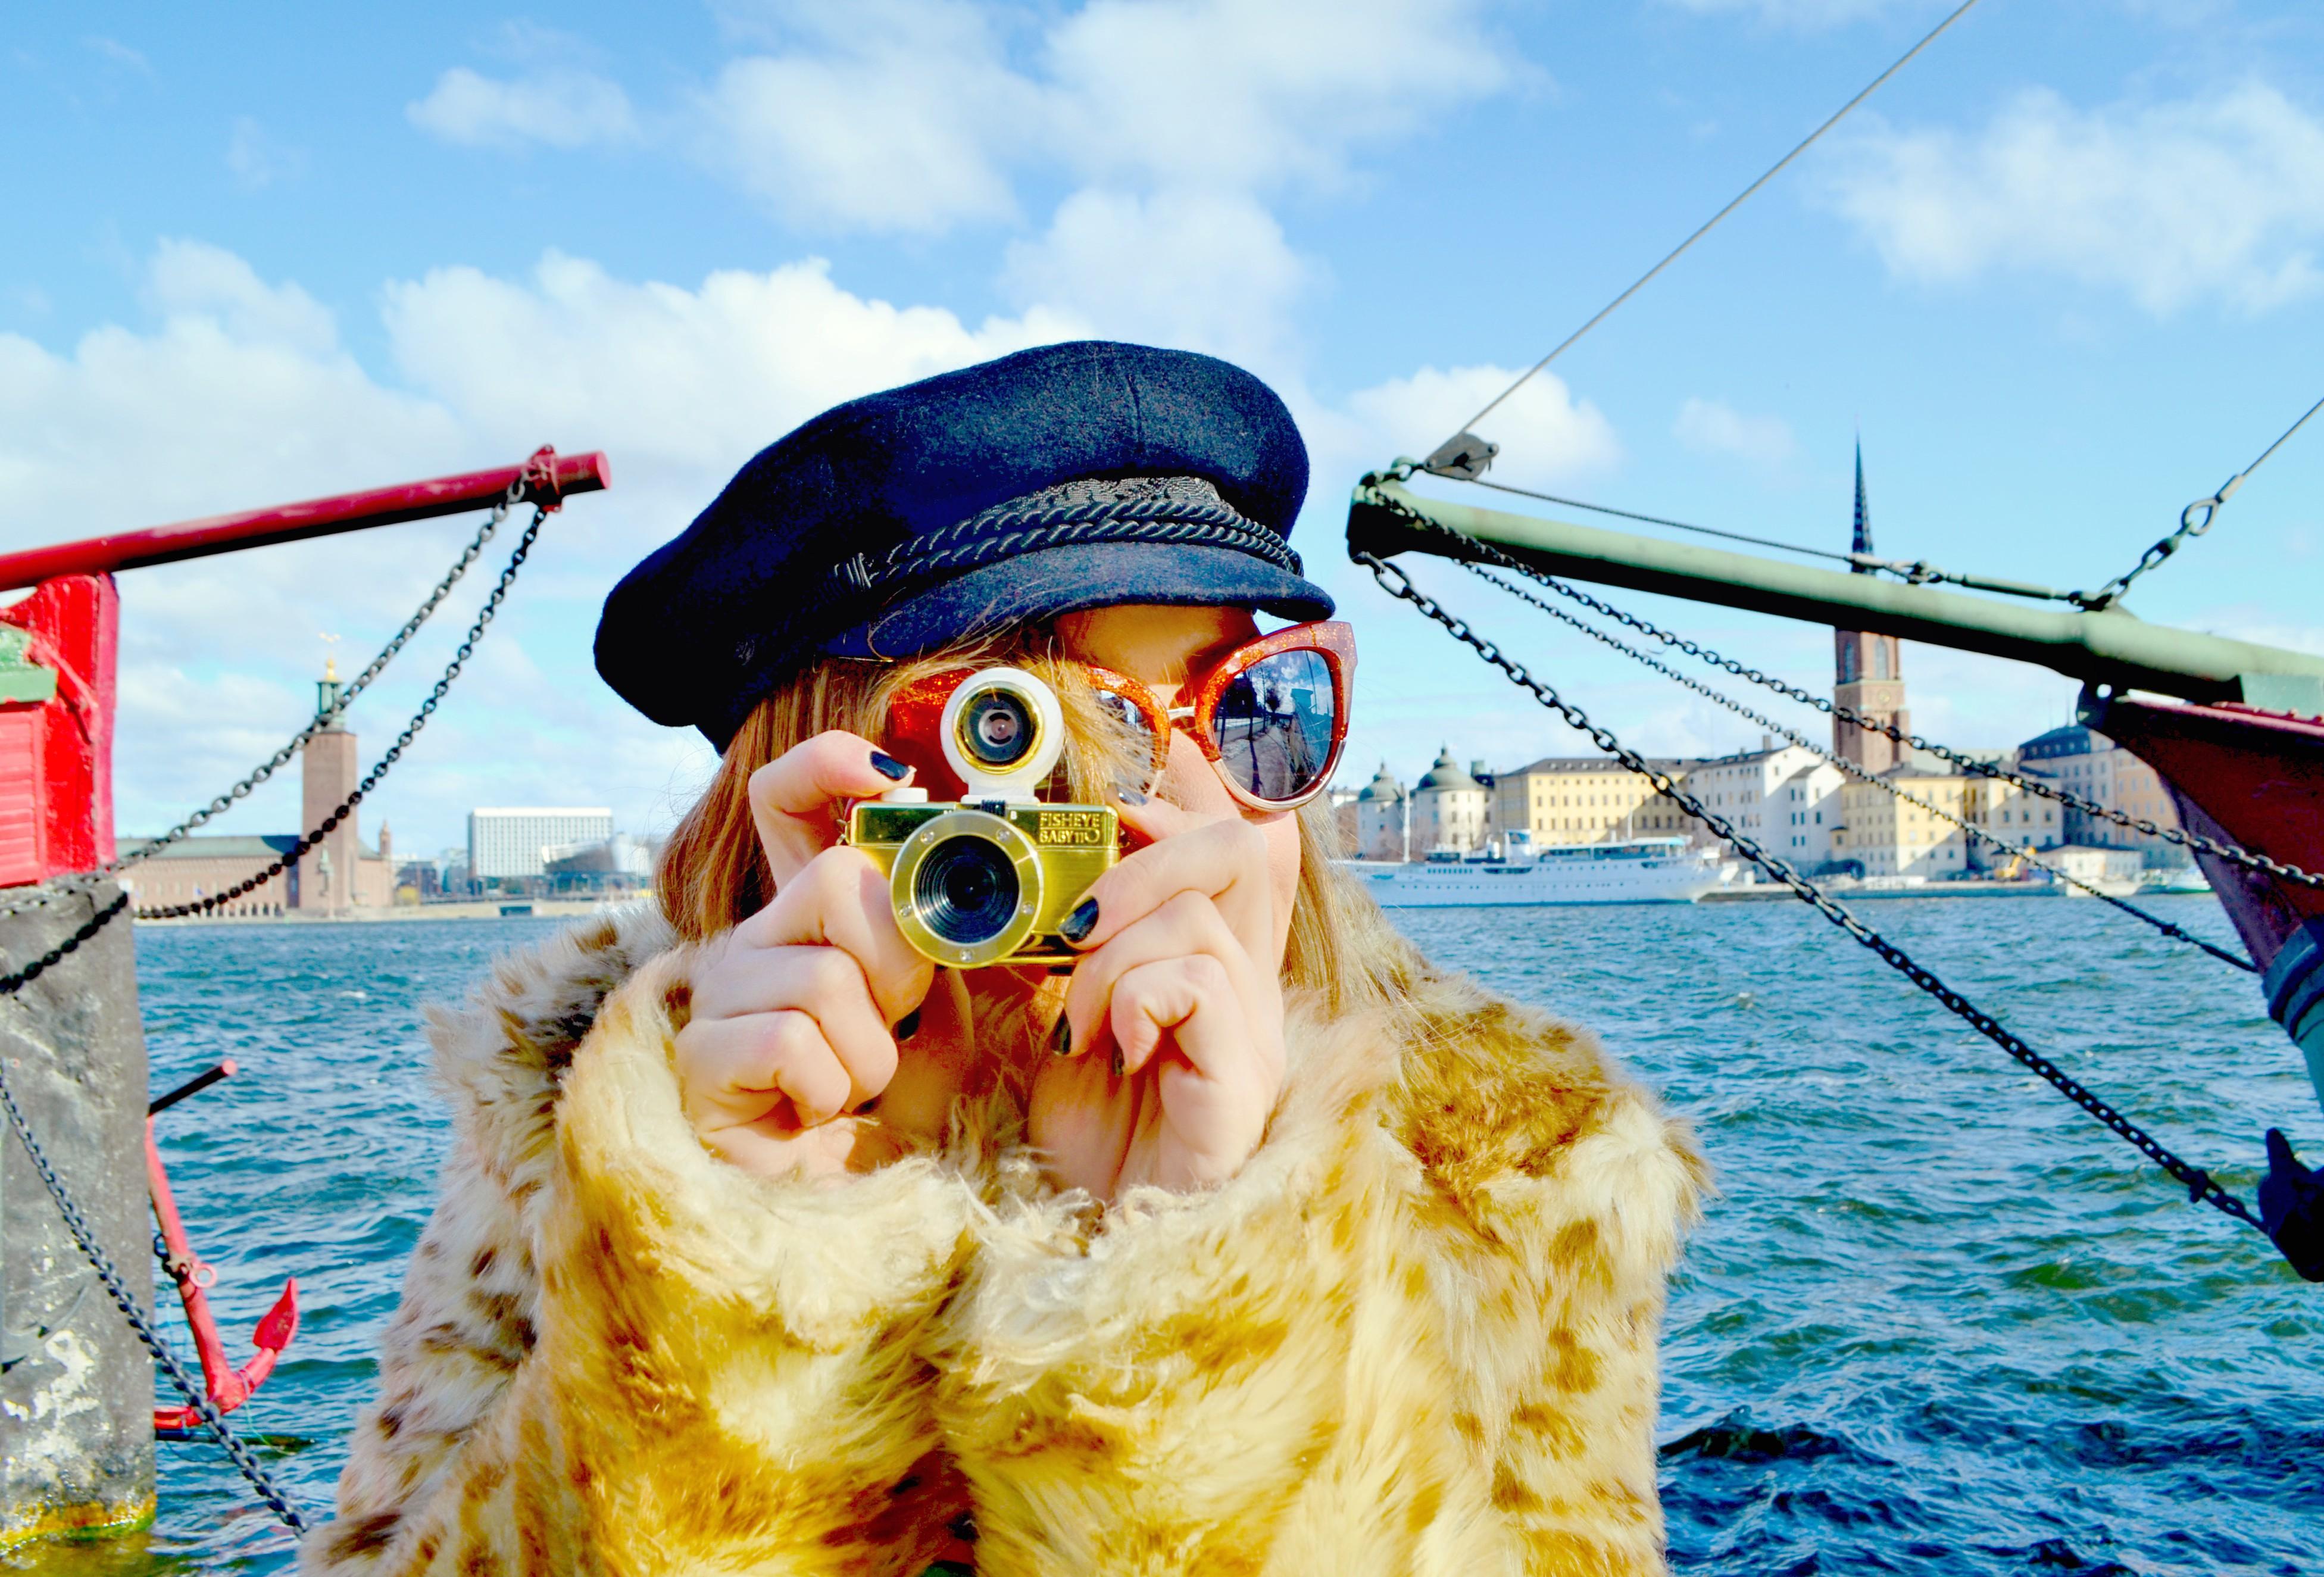 ChicAdicta-influencer-fashionista-Lomography-Chic-Adicta-sombreros-de-invierno-blog-de-moda-PiensaenChic-Piensa-en-Chic